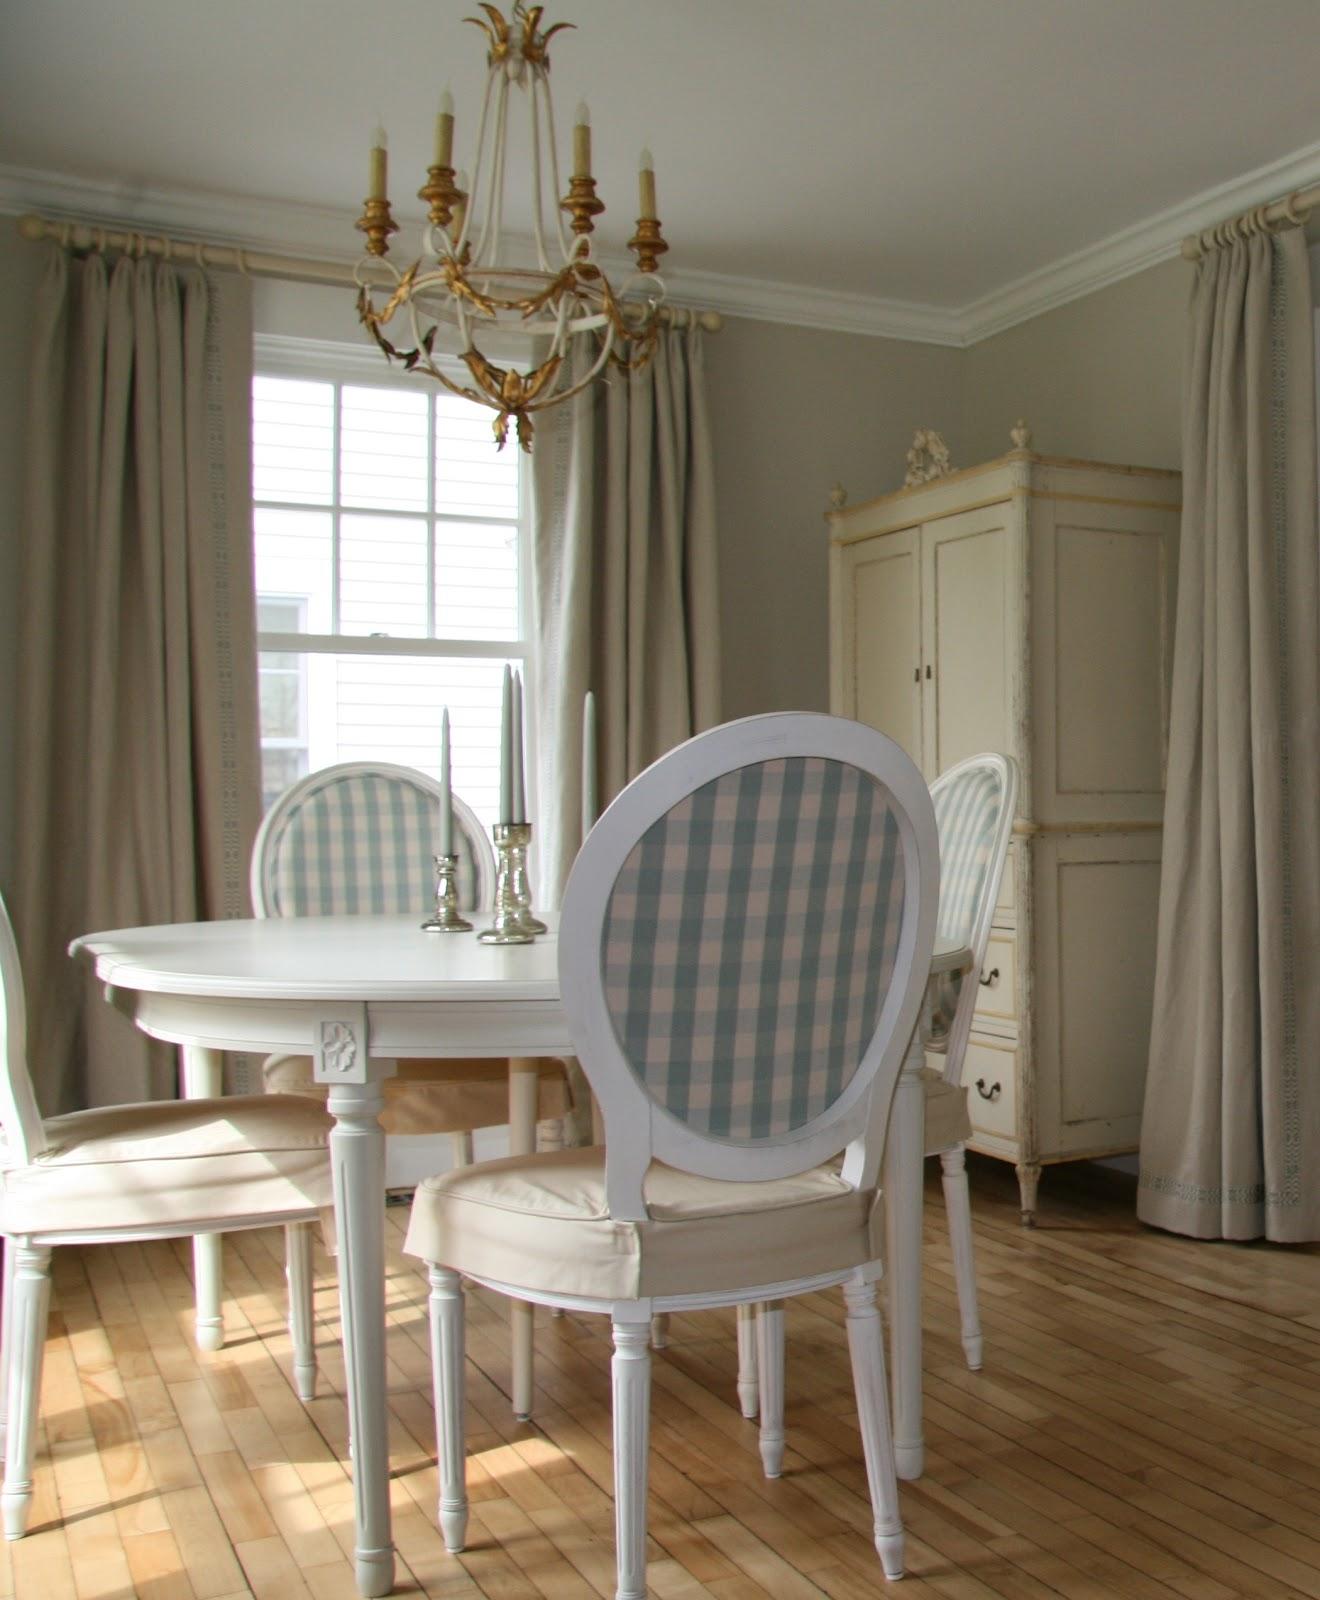 Cos 39 lo shabby chic storia significato definizione di questo stile - Blog di interior design ...